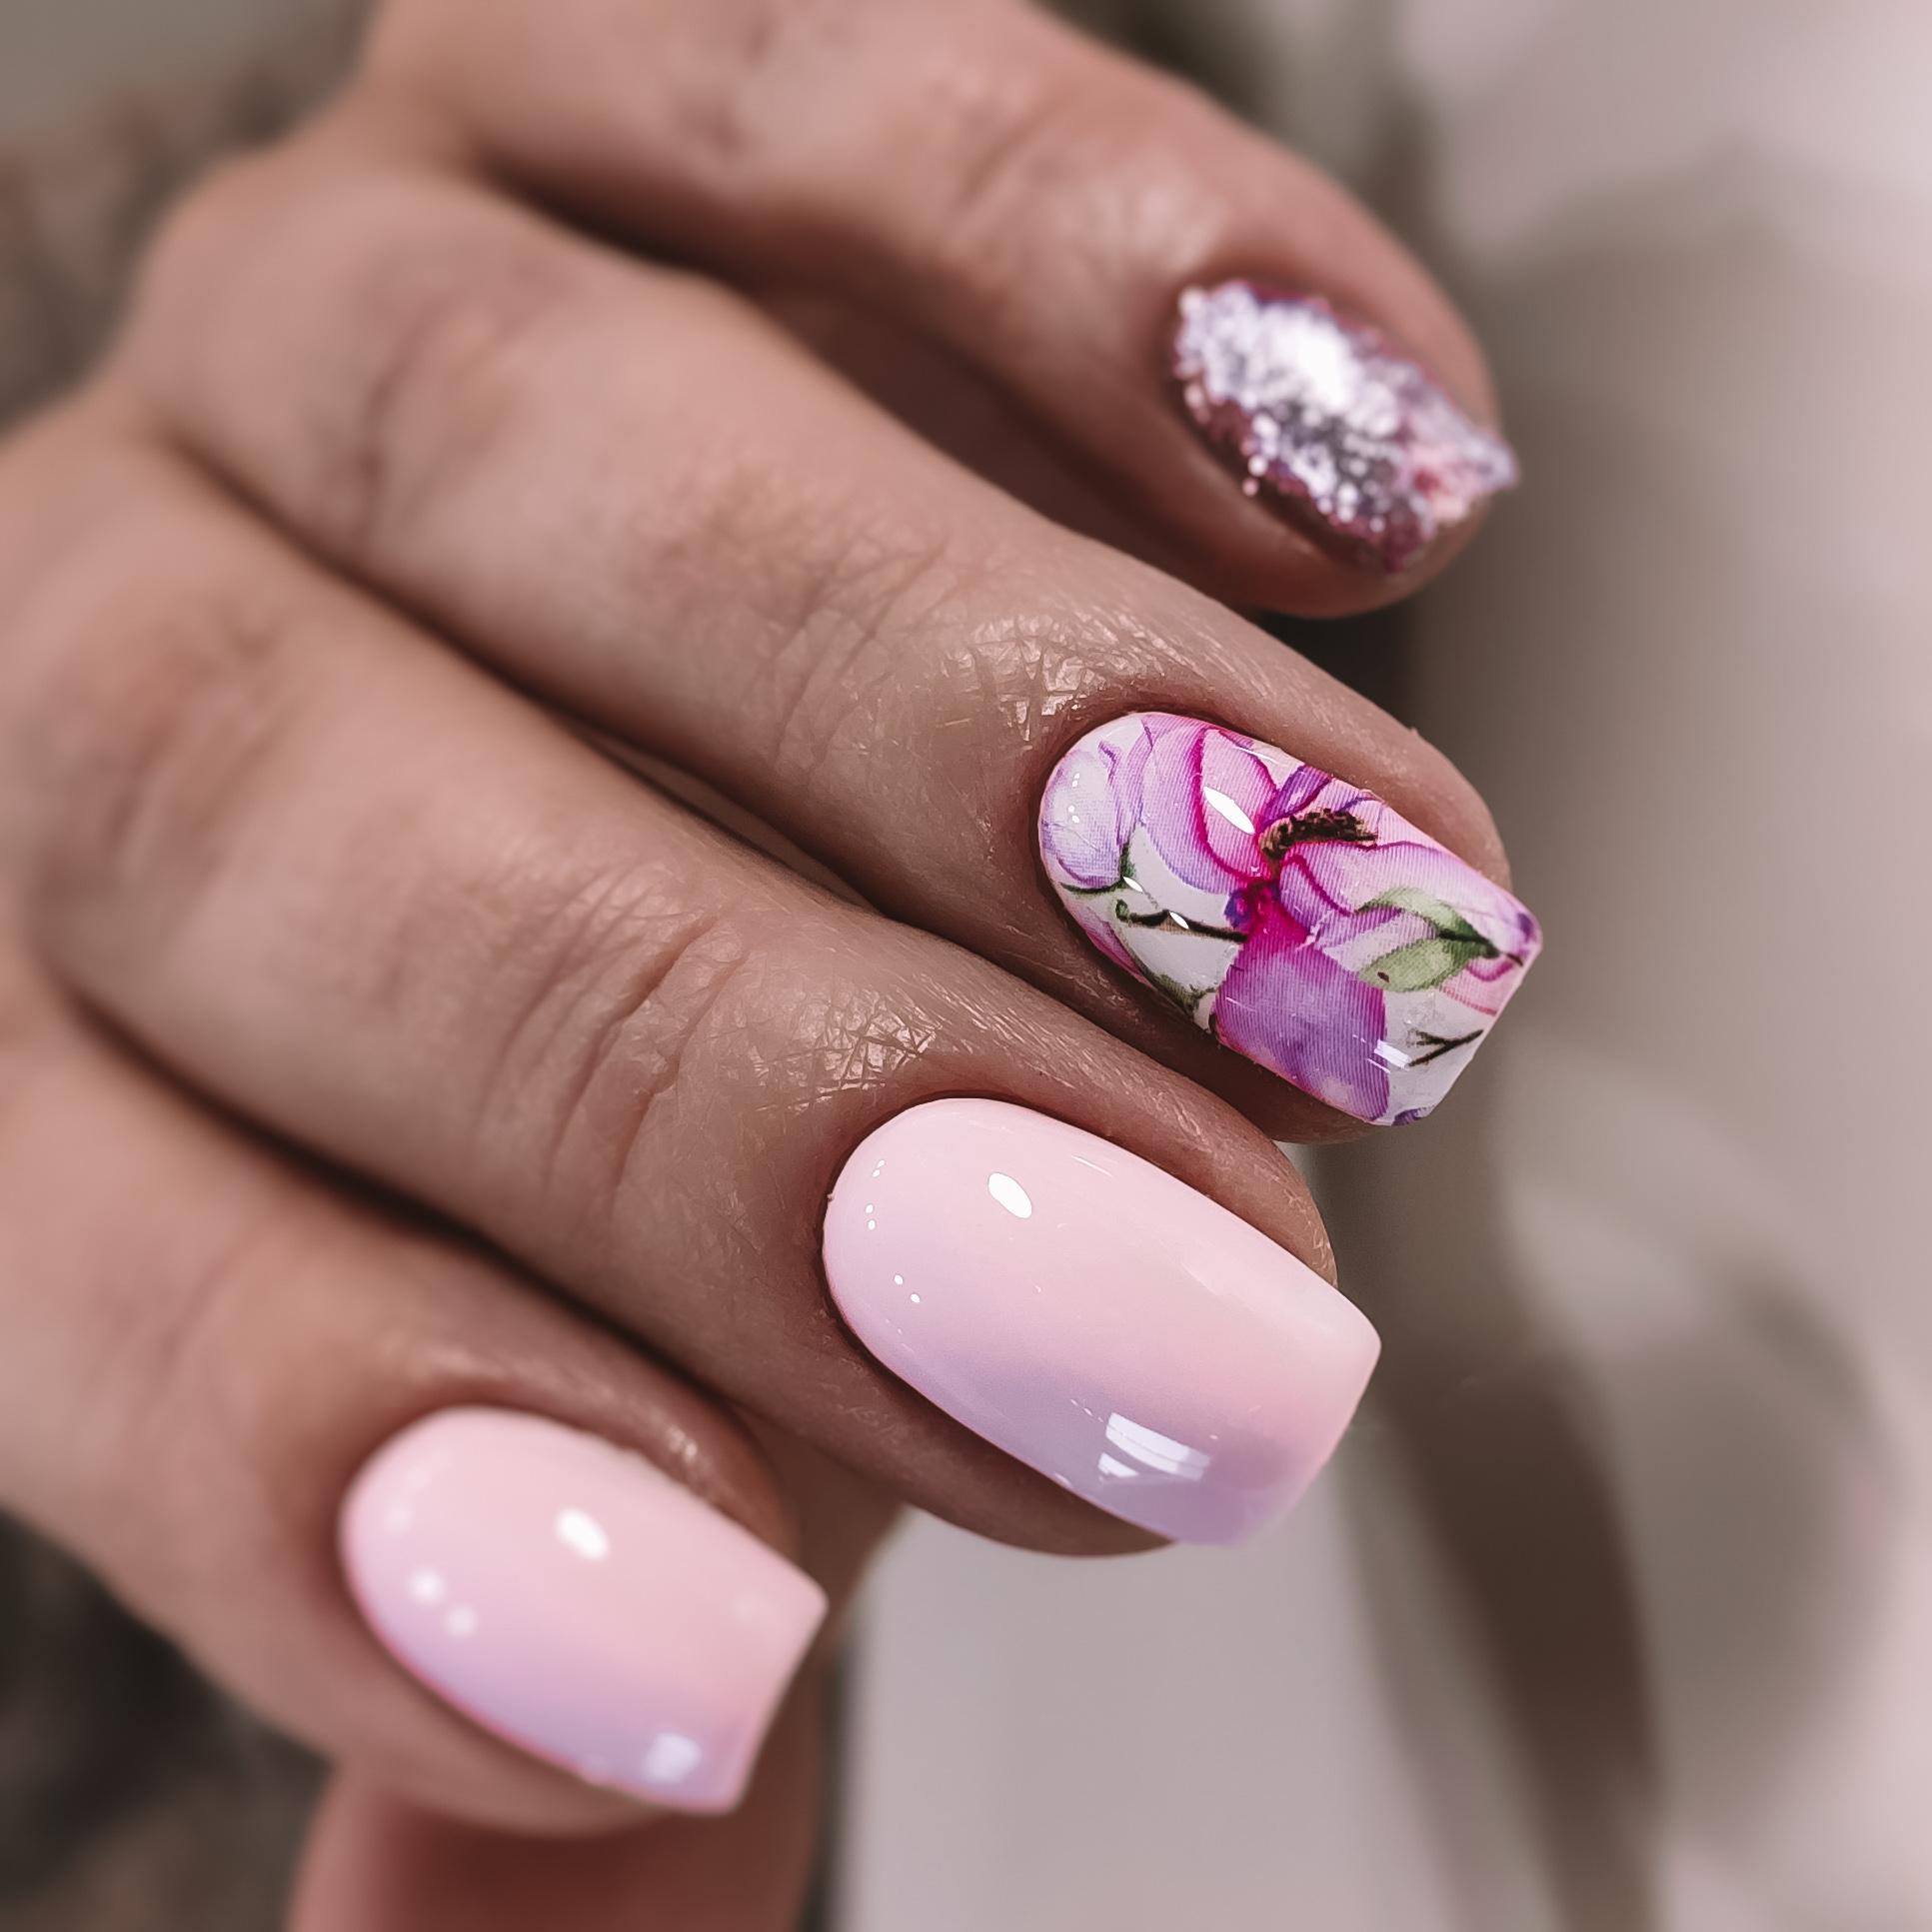 Маникюр с акварельным цветочным рисунком и блестками в розовом цвете.